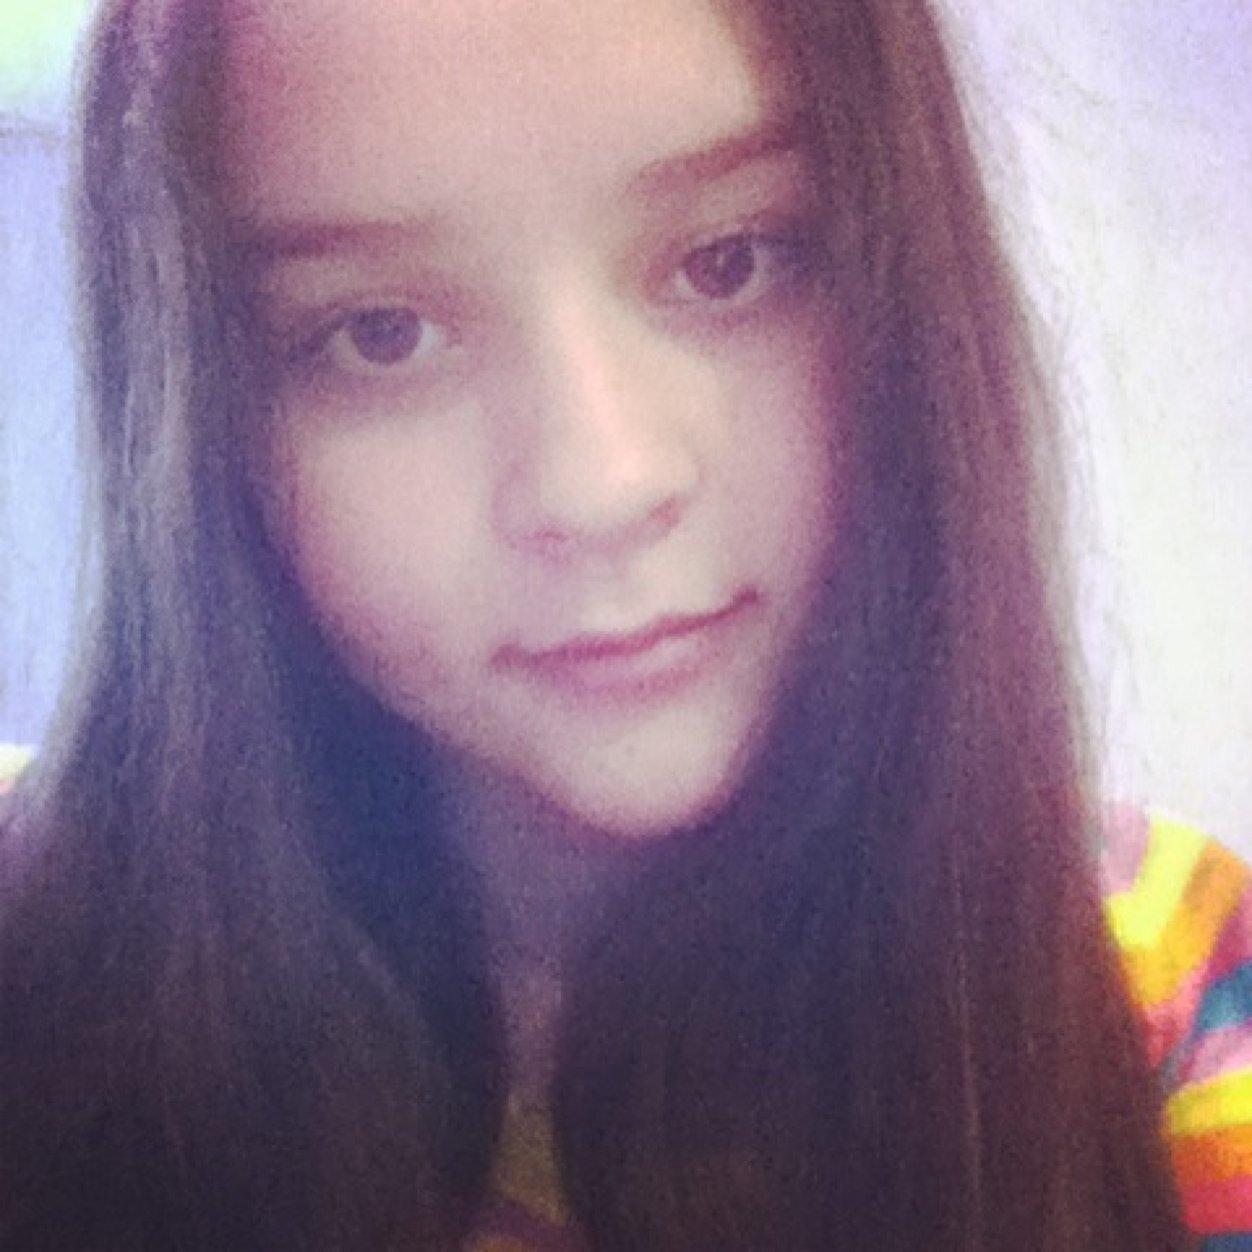 Катя юрченко фото девушек за домашней работой